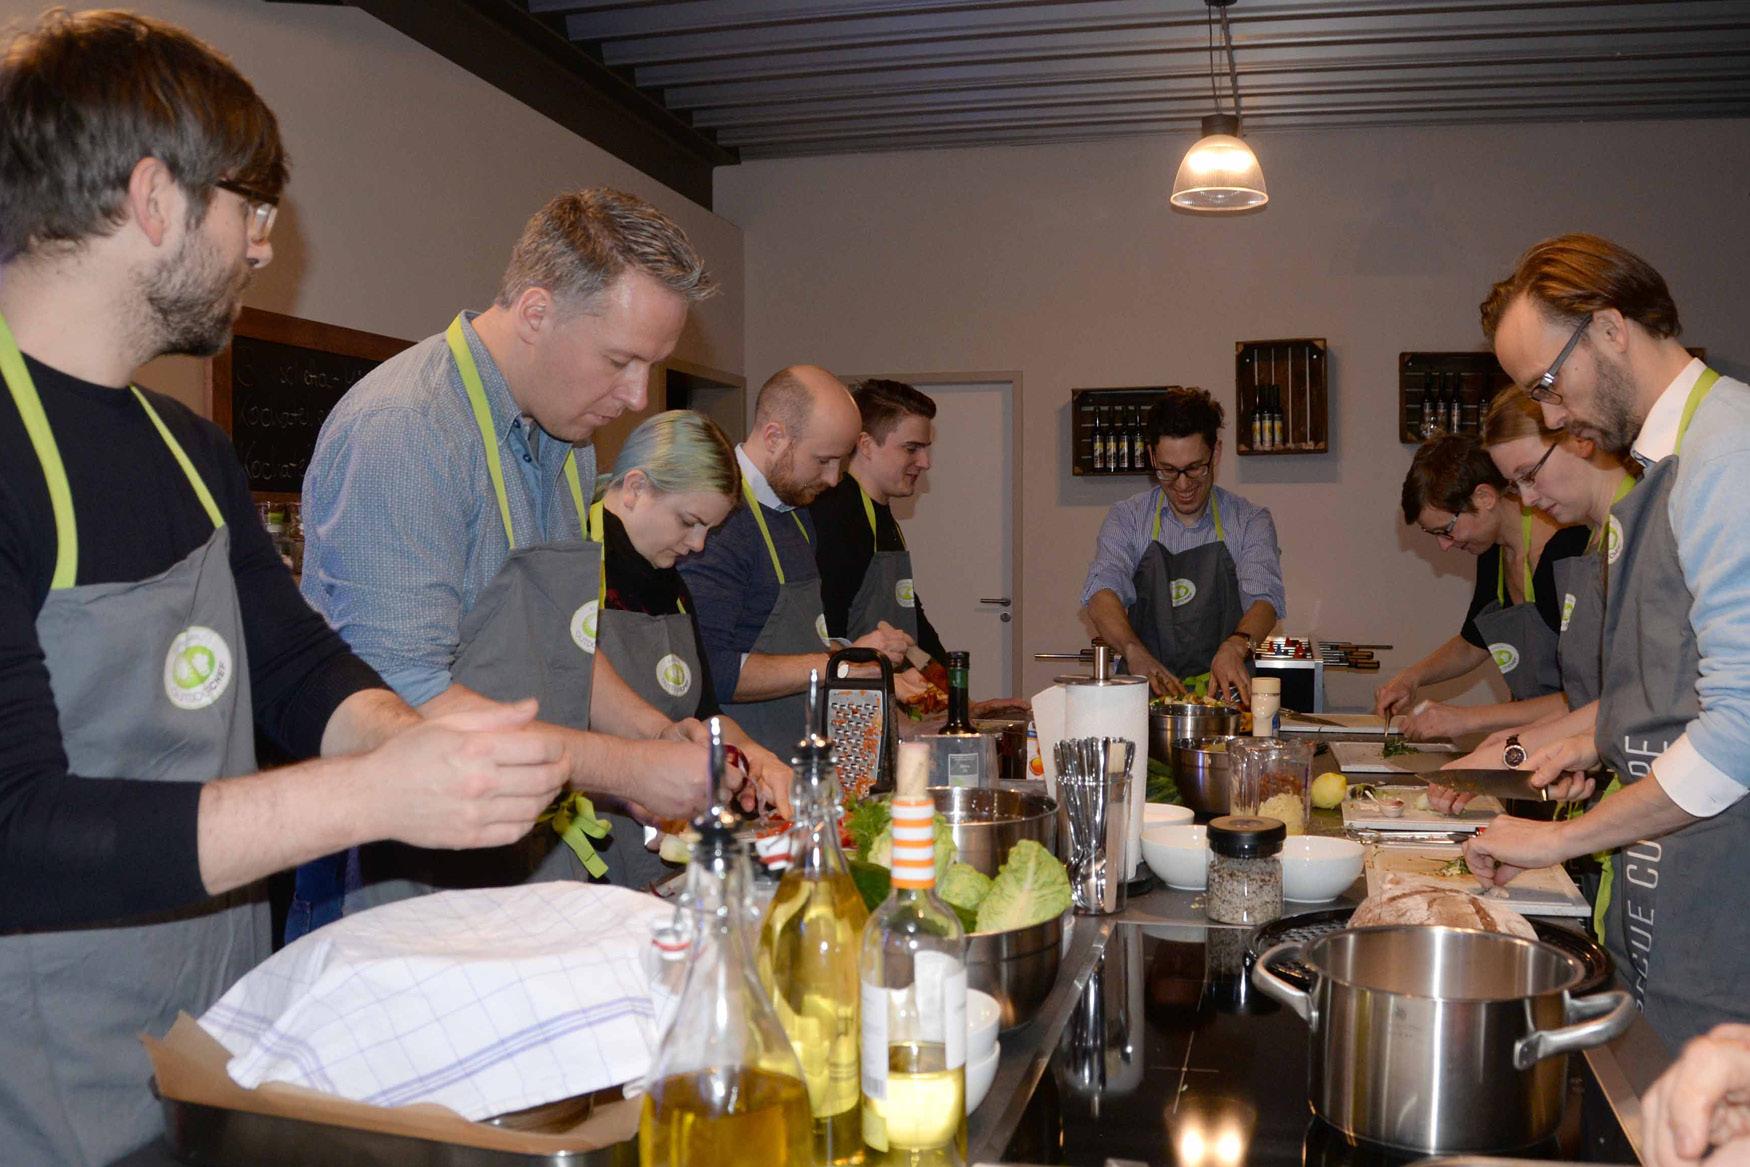 Massen-Kochen: Hier entstehen Mango-Checken Wings, gegrillte Melone, Caprese-Teigtaschen, Wolfsbarsch mit Kräutern, Honig-Bier-Hühnchen und und und ...